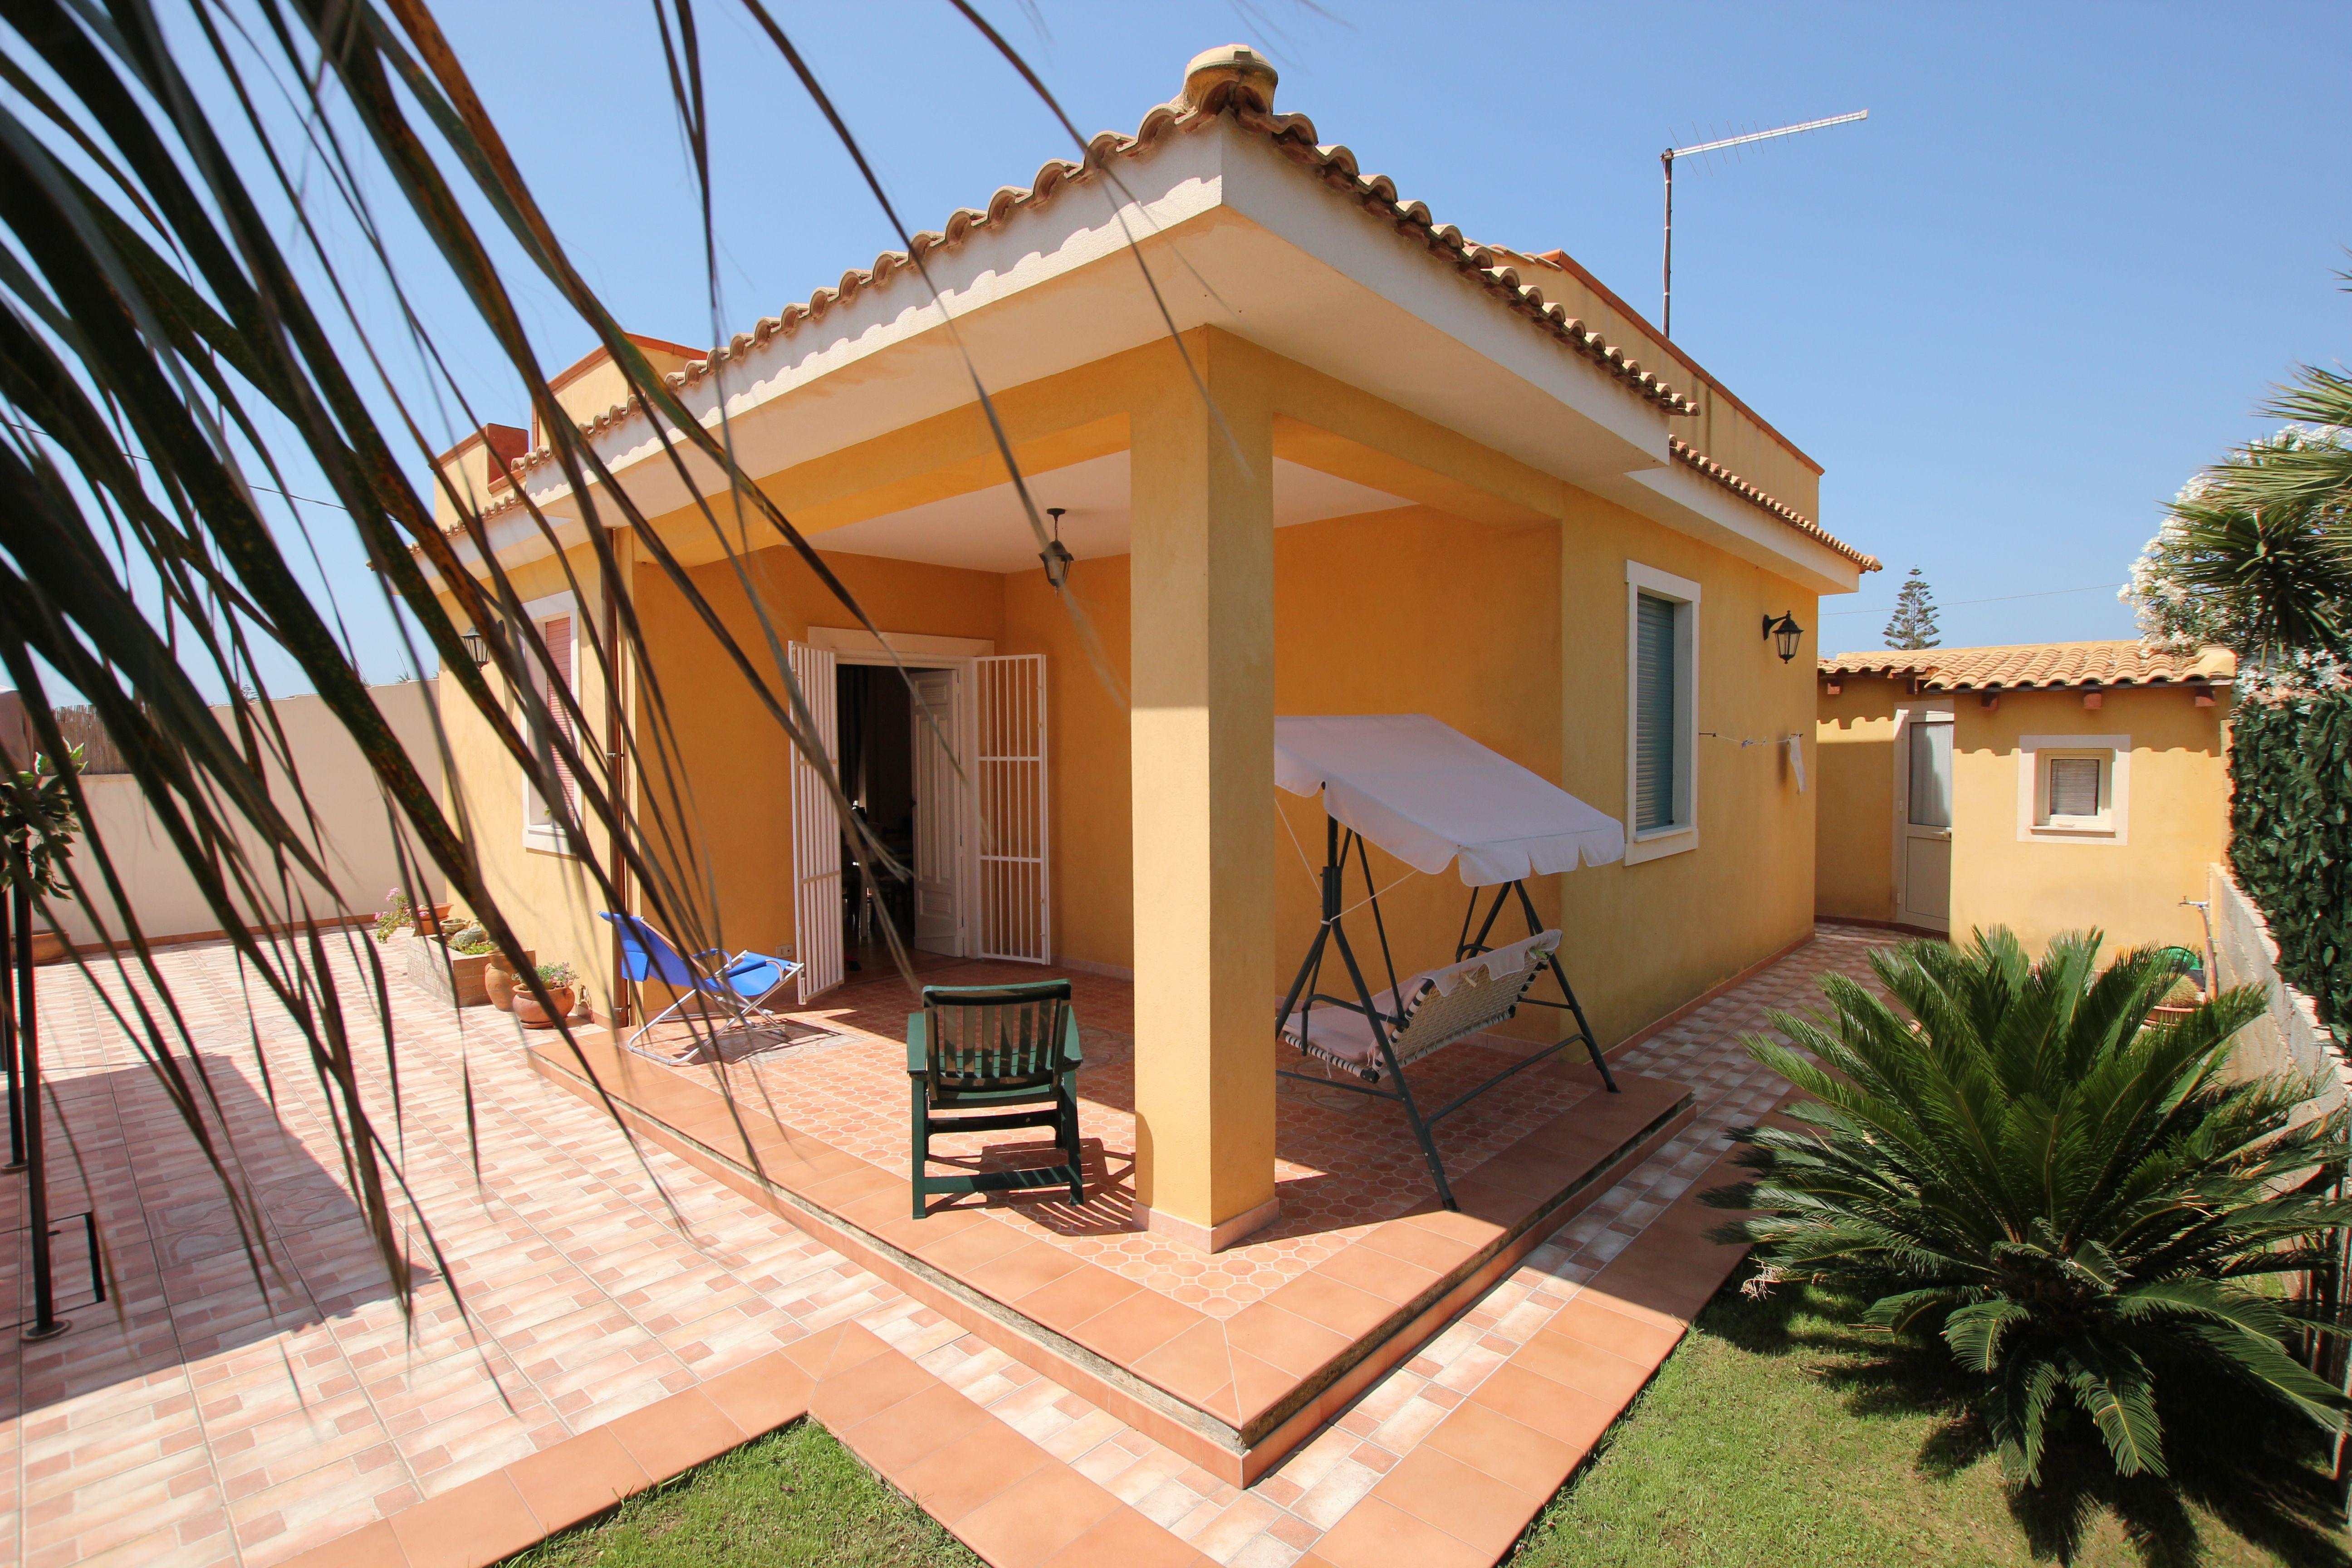 Nice and cozy villa